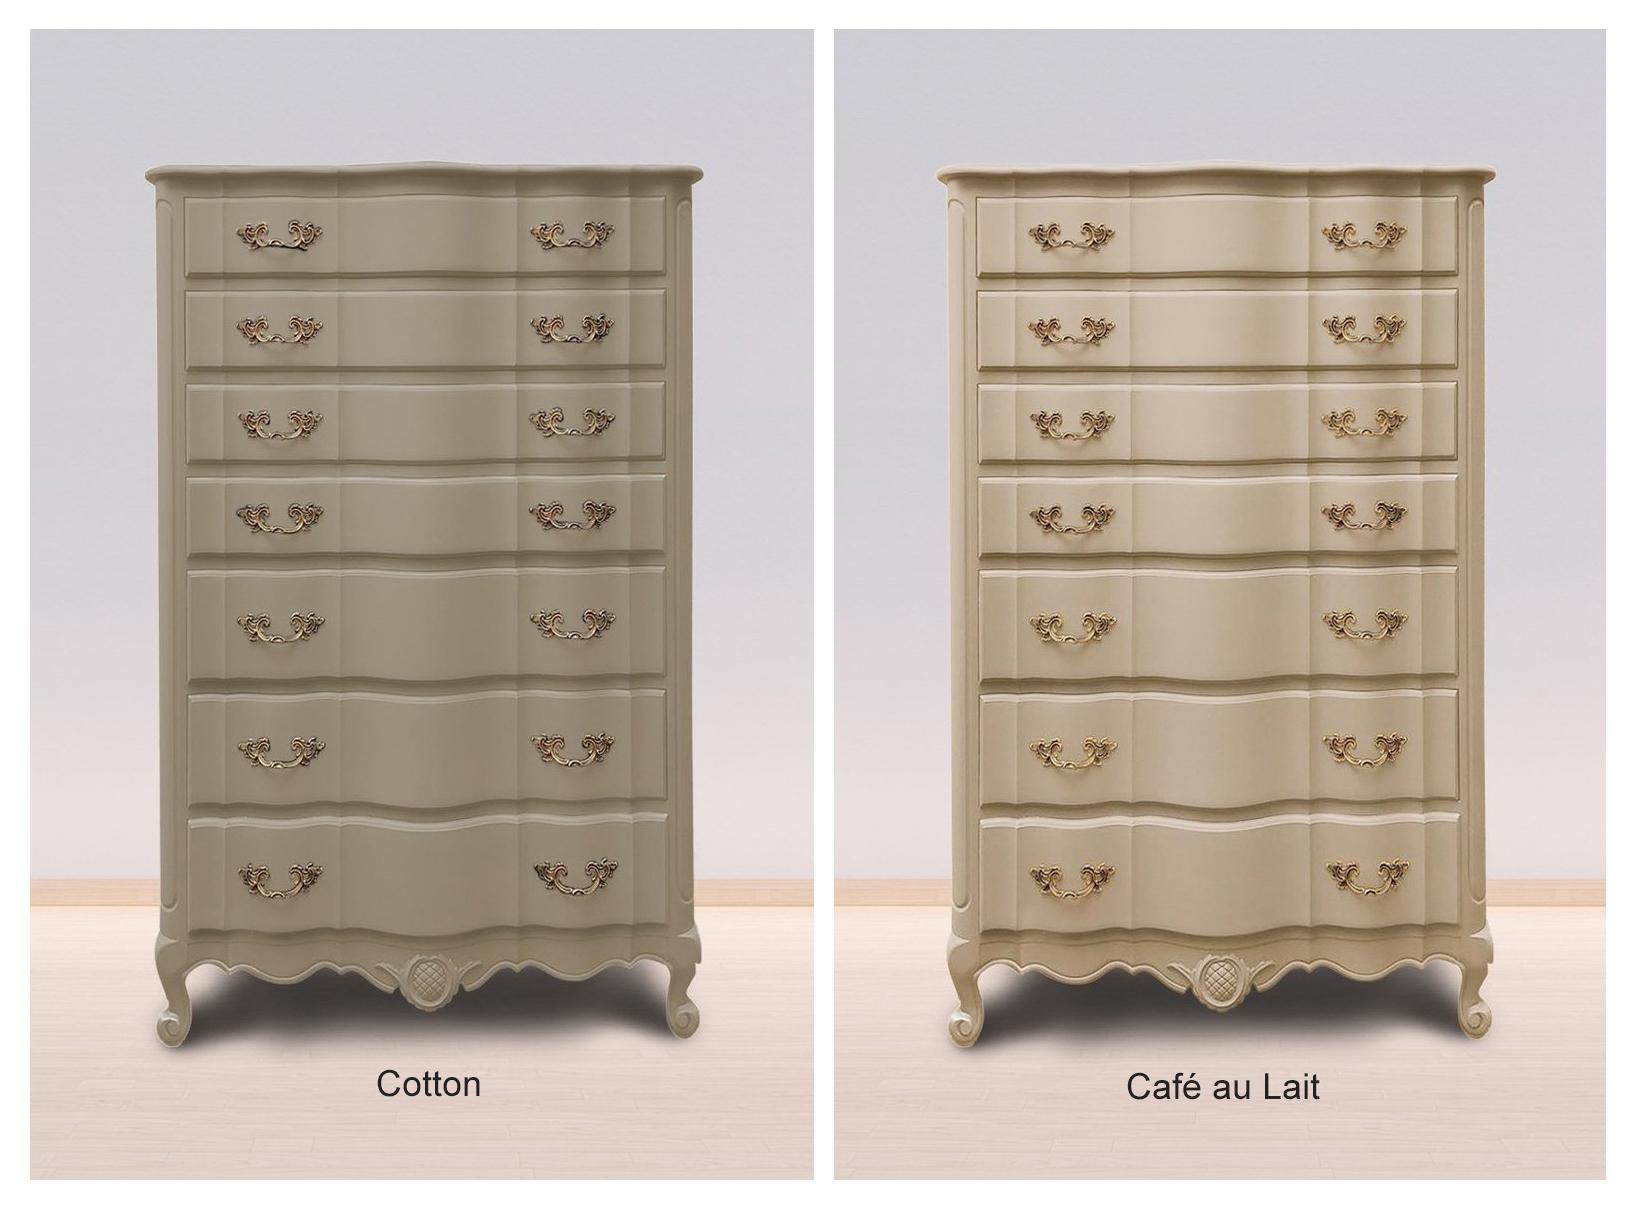 Cotton & Cafe au Lait